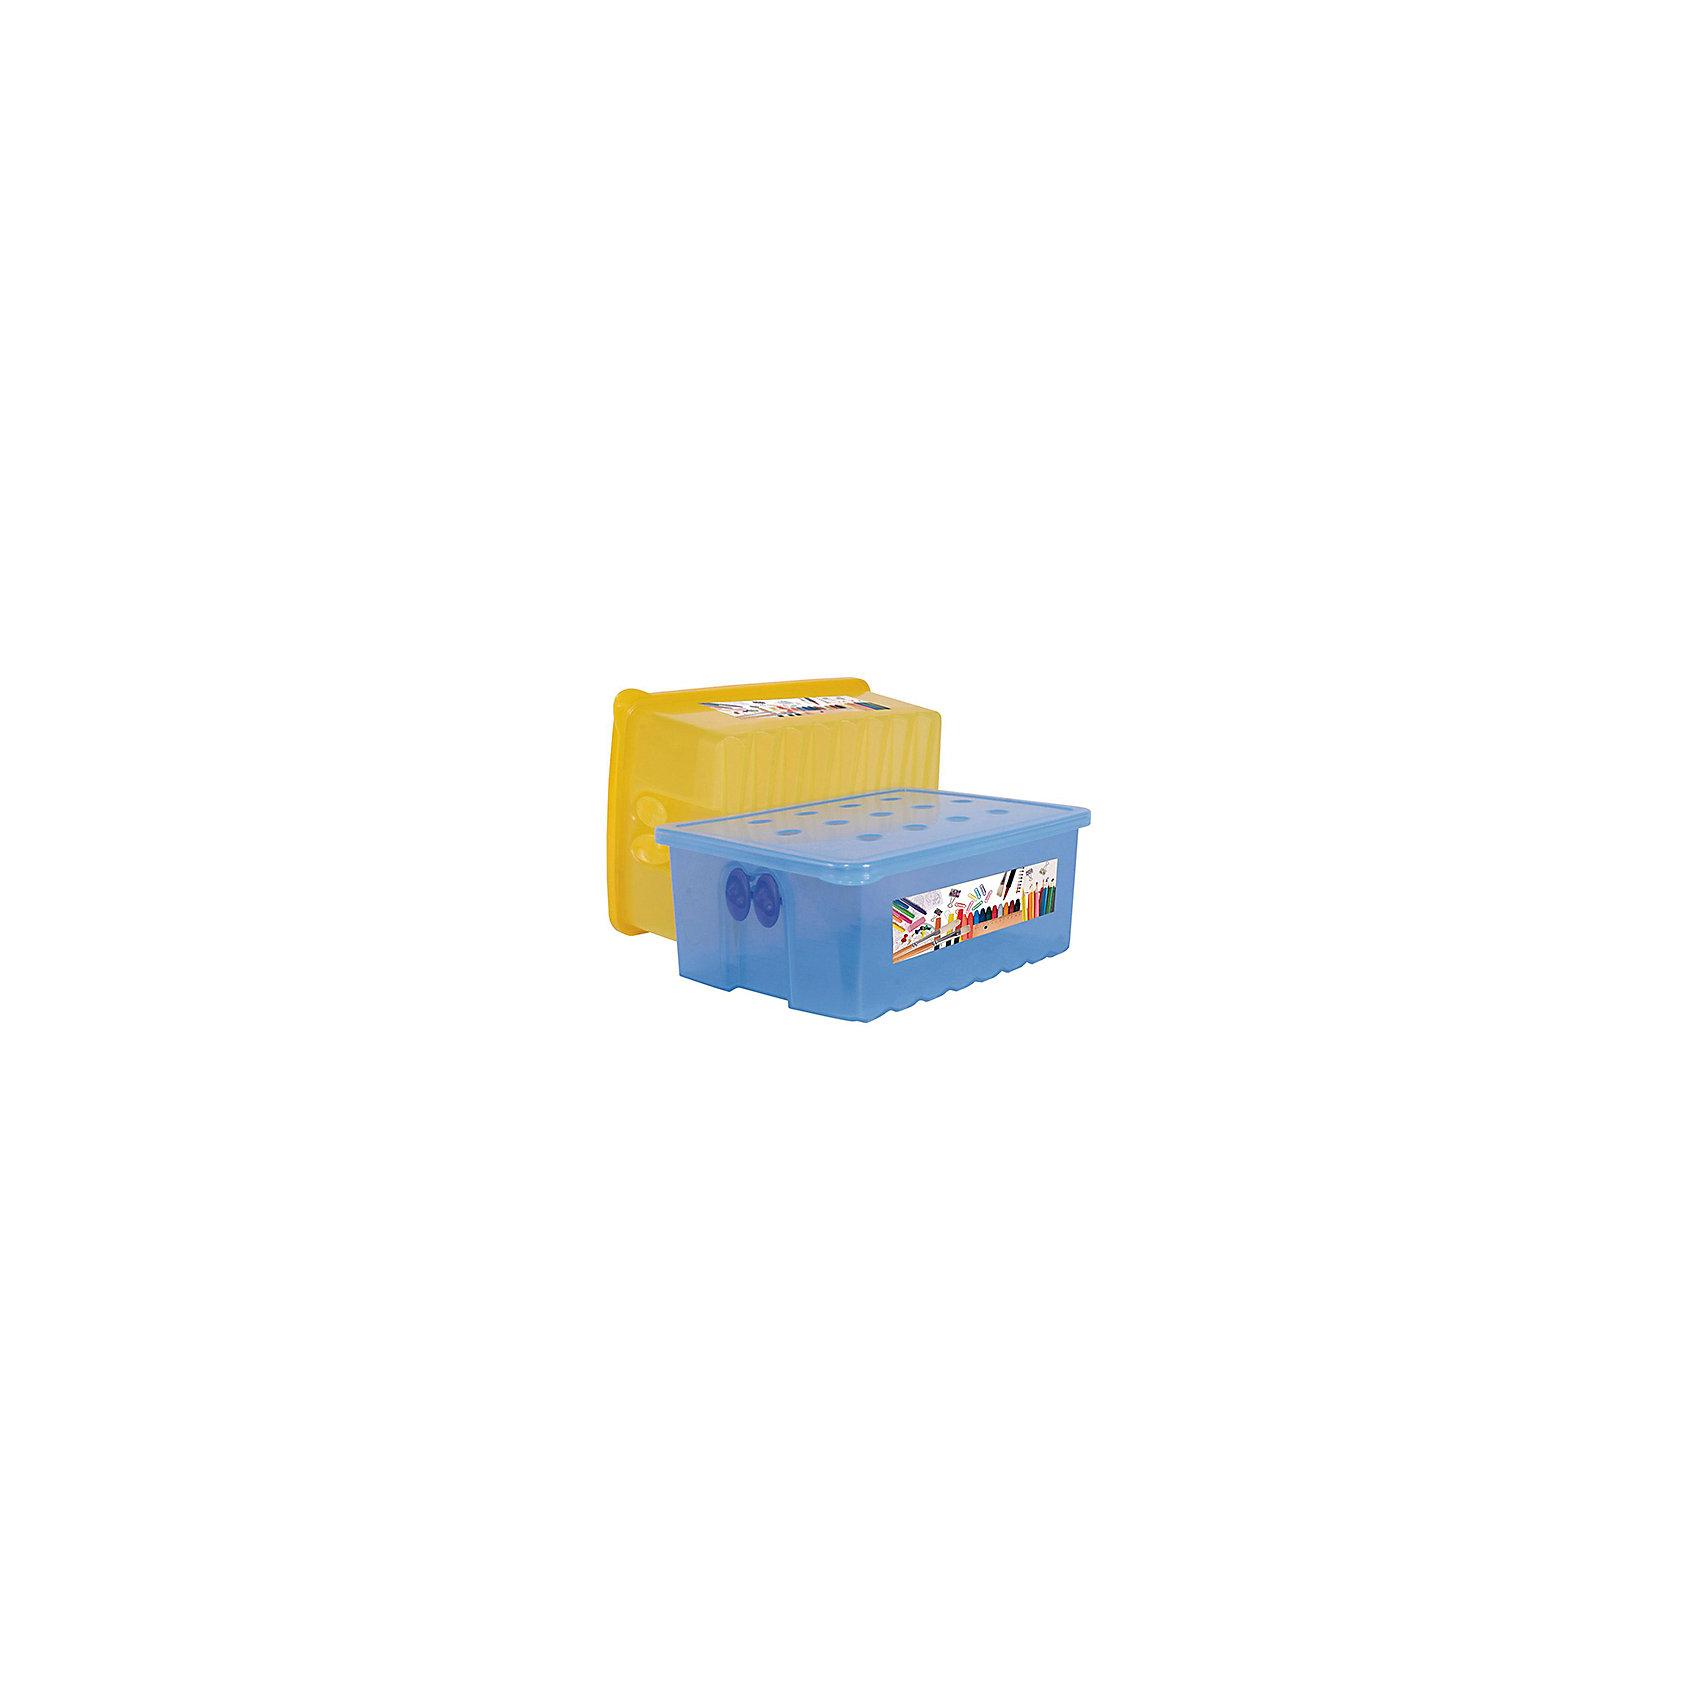 Контейнер для карандашей ,  AlternativaМебель<br>Контейнер для карандашей изготовлен из пластика, имеет прямоугольную форму и закрывается крышкой. В таком контейнере ребенку будет удобно хранить письменные принадлежности.<br><br>Дополнительная информация:<br>Материал: пластик<br>Размер: 22,5х8,3х15 см<br><br>Вы можете приобрести контейнер для карандашей в нашем интернет-магазине.<br><br>Ширина мм: 225<br>Глубина мм: 83<br>Высота мм: 150<br>Вес г: 215<br>Возраст от месяцев: 36<br>Возраст до месяцев: 144<br>Пол: Унисекс<br>Возраст: Детский<br>SKU: 4979728